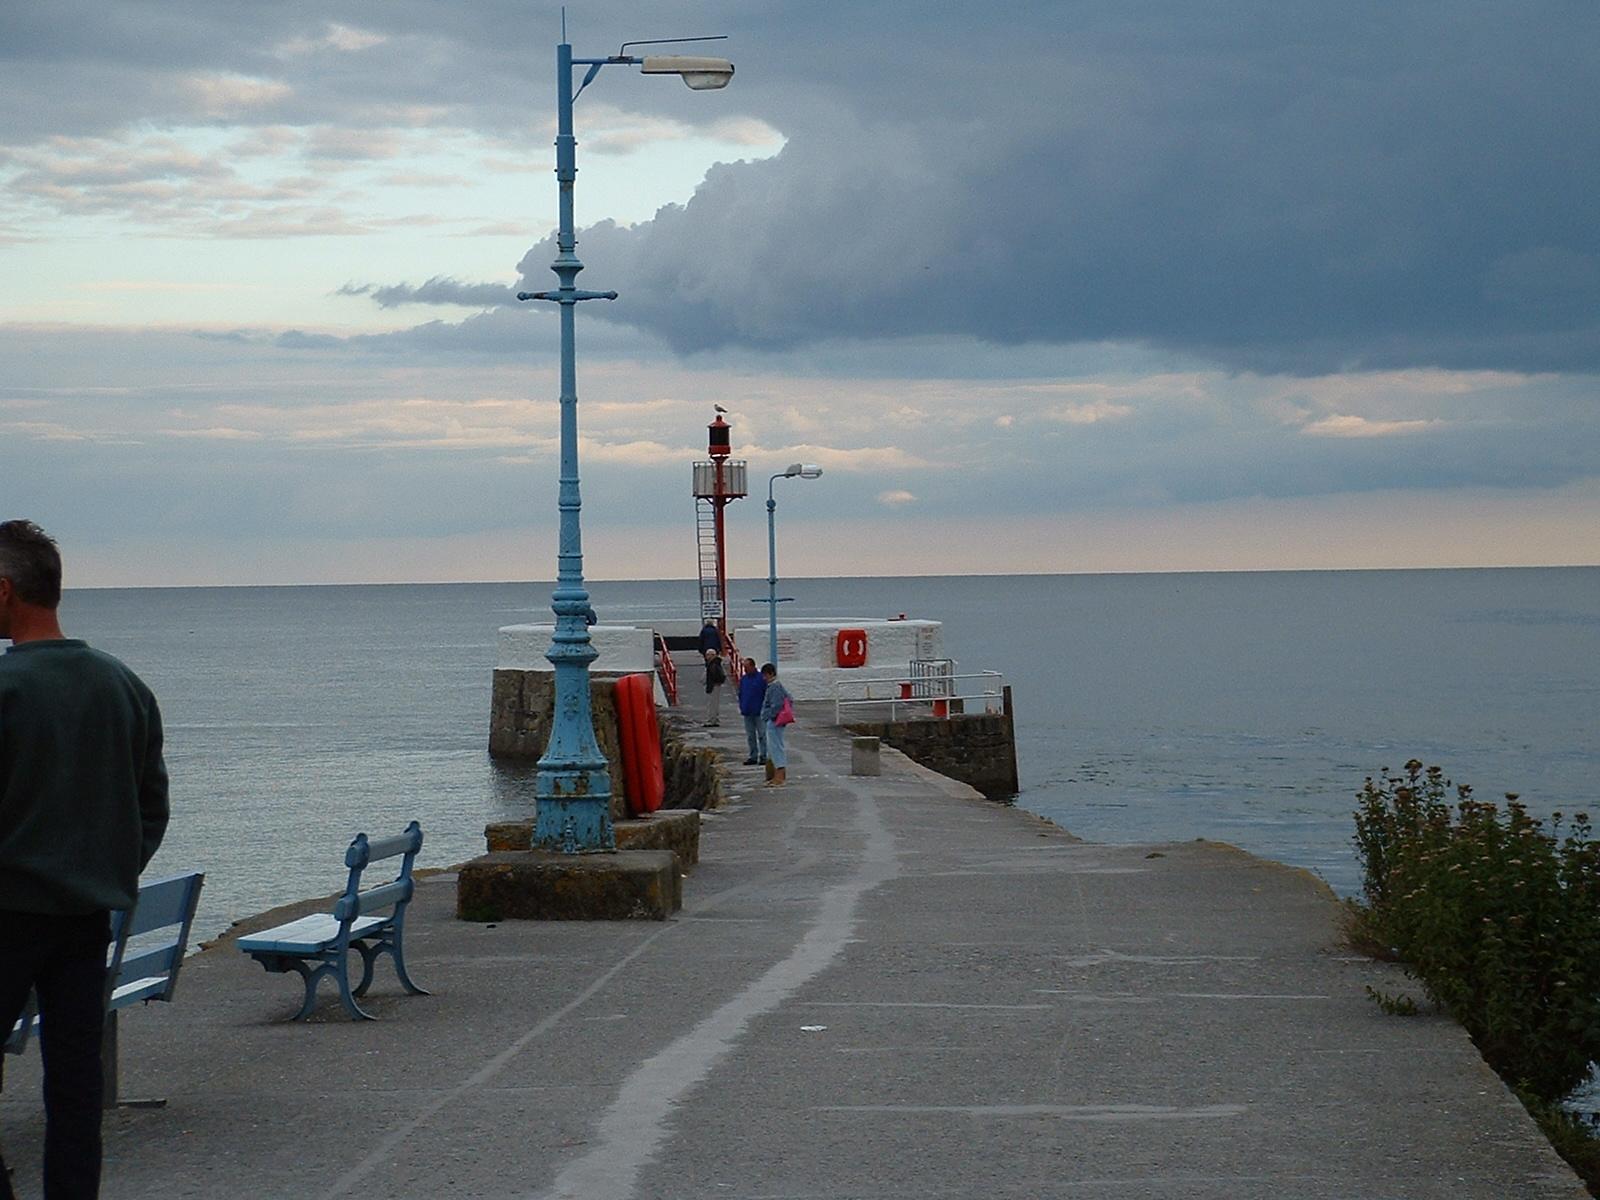 htoml sea coast clouds